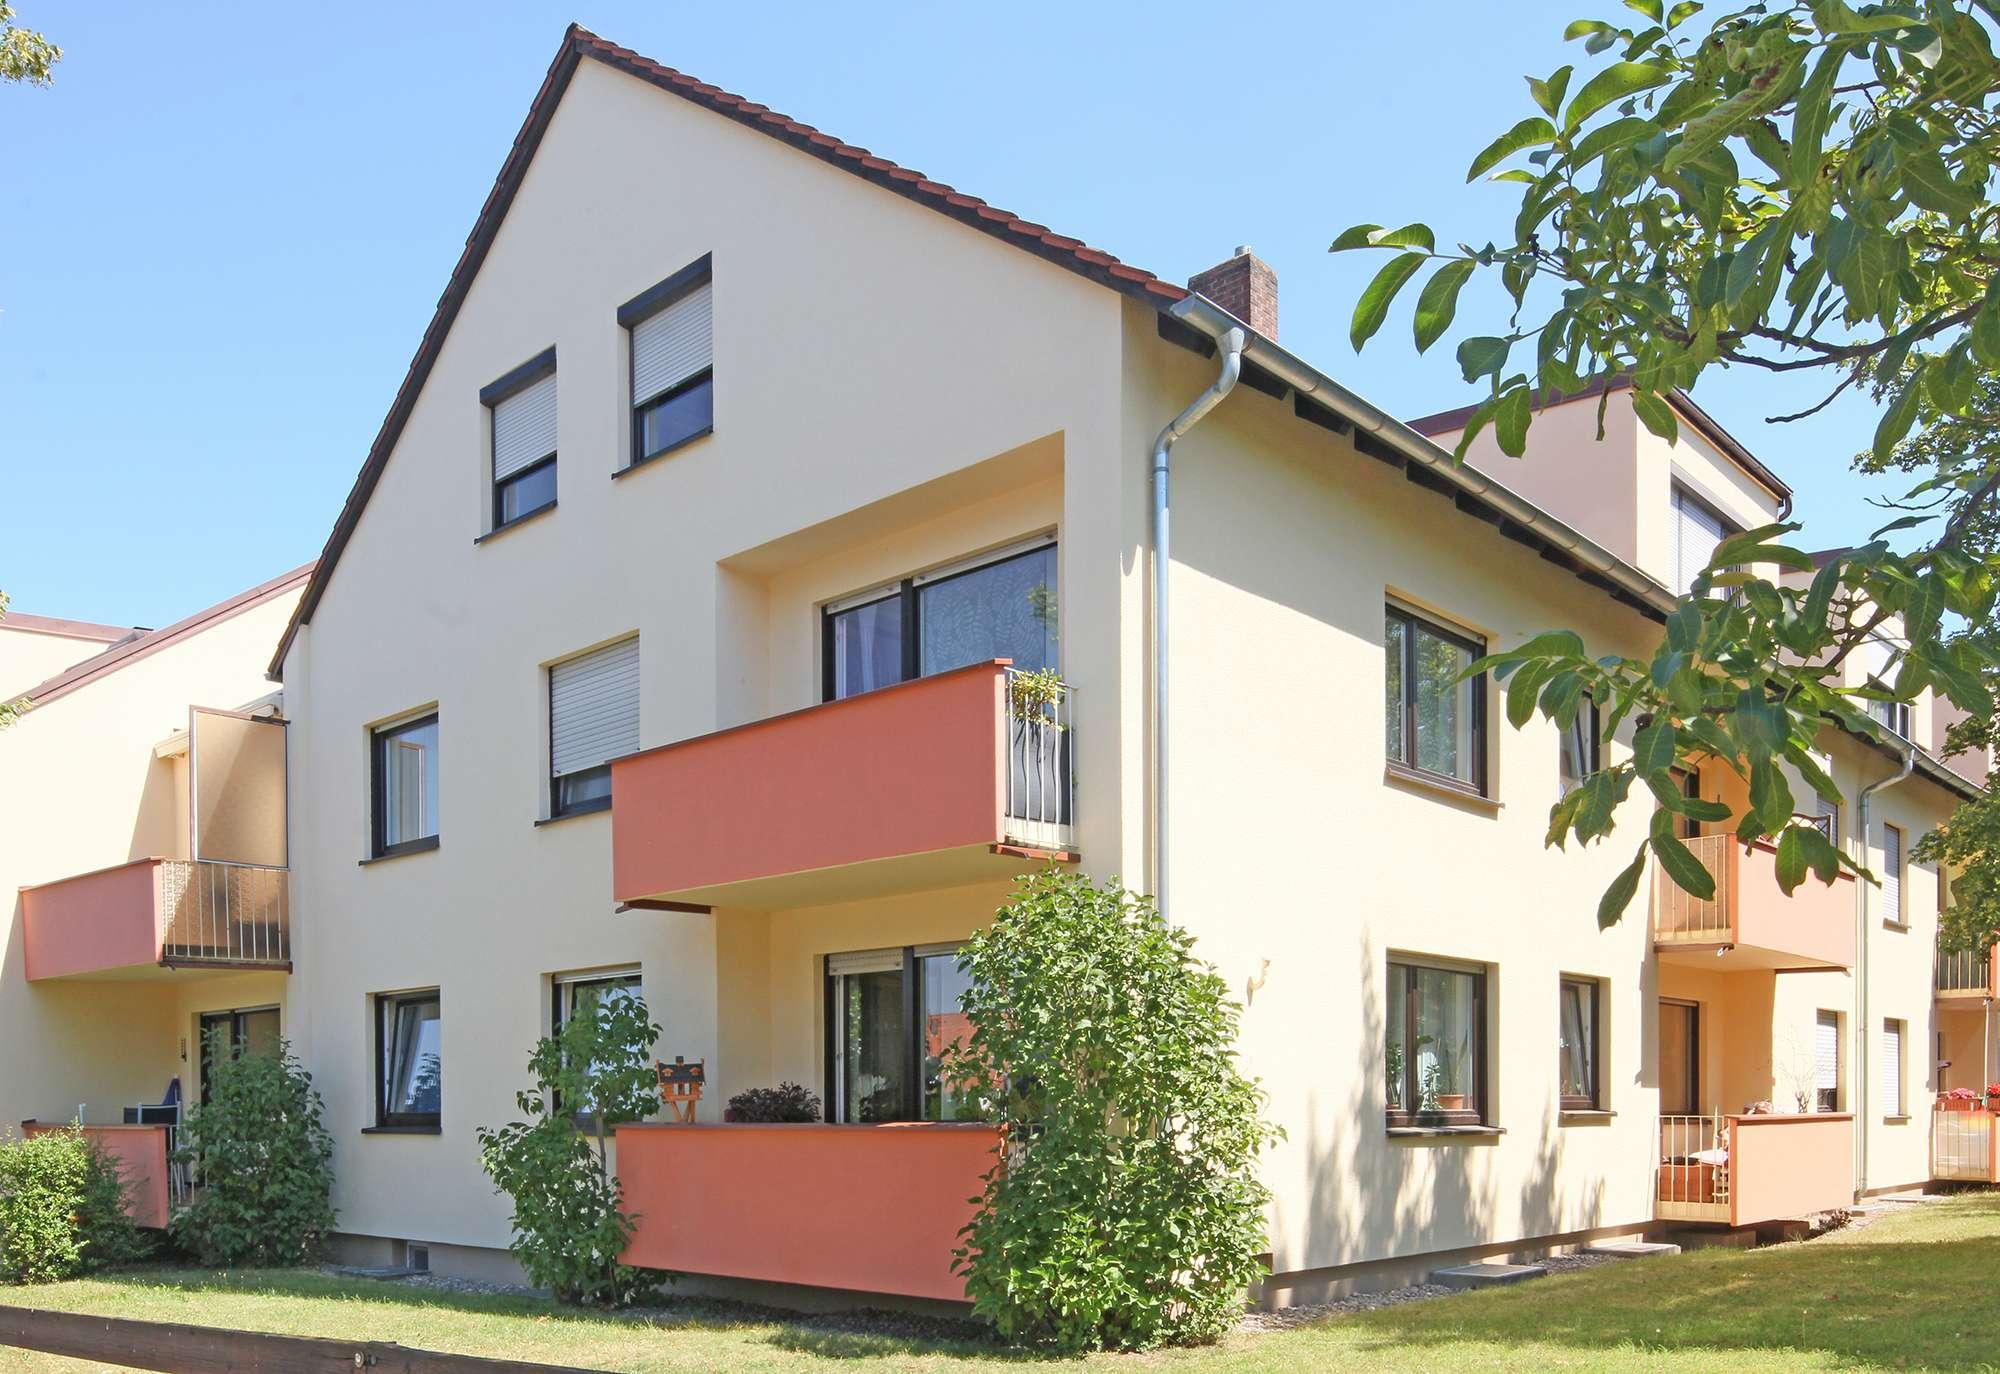 Top Kapitalanlage: Schicke 2-Zimmer-Wohnung in ruhiger, zentraler Lage mit Balkon & Garage!